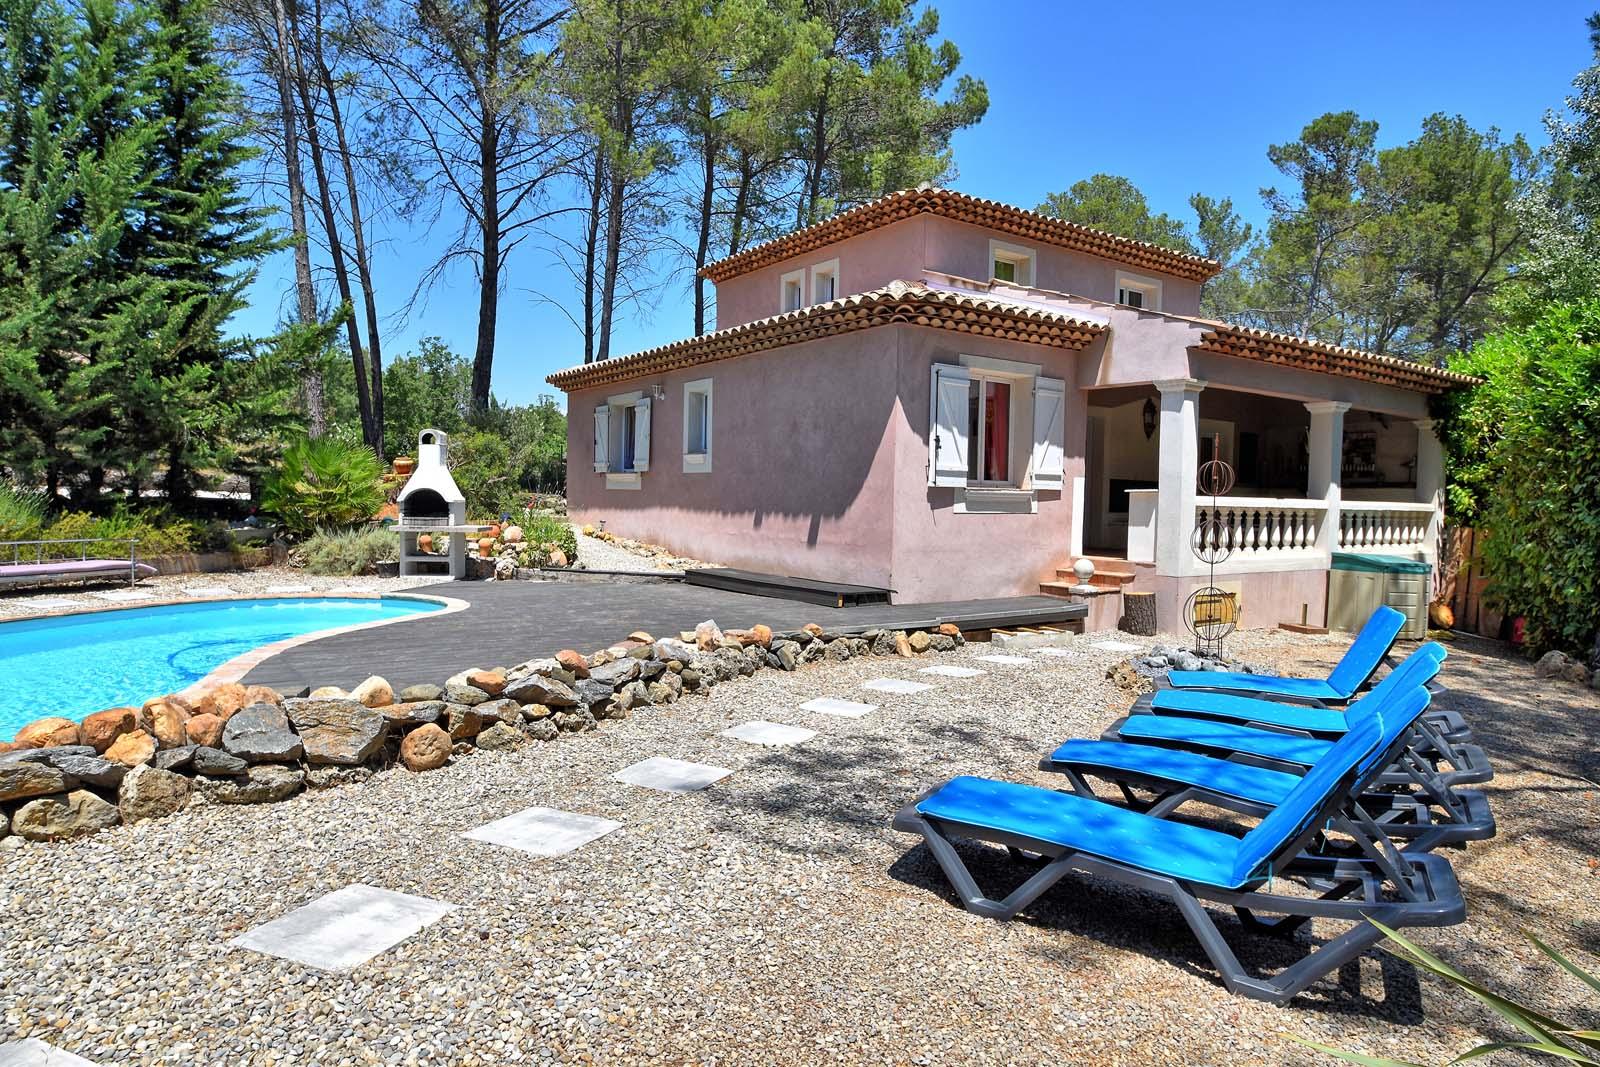 Vakantiehuis in Les Arcs-sur-Argens met zwembad, in Provence-Côte d'Azur.